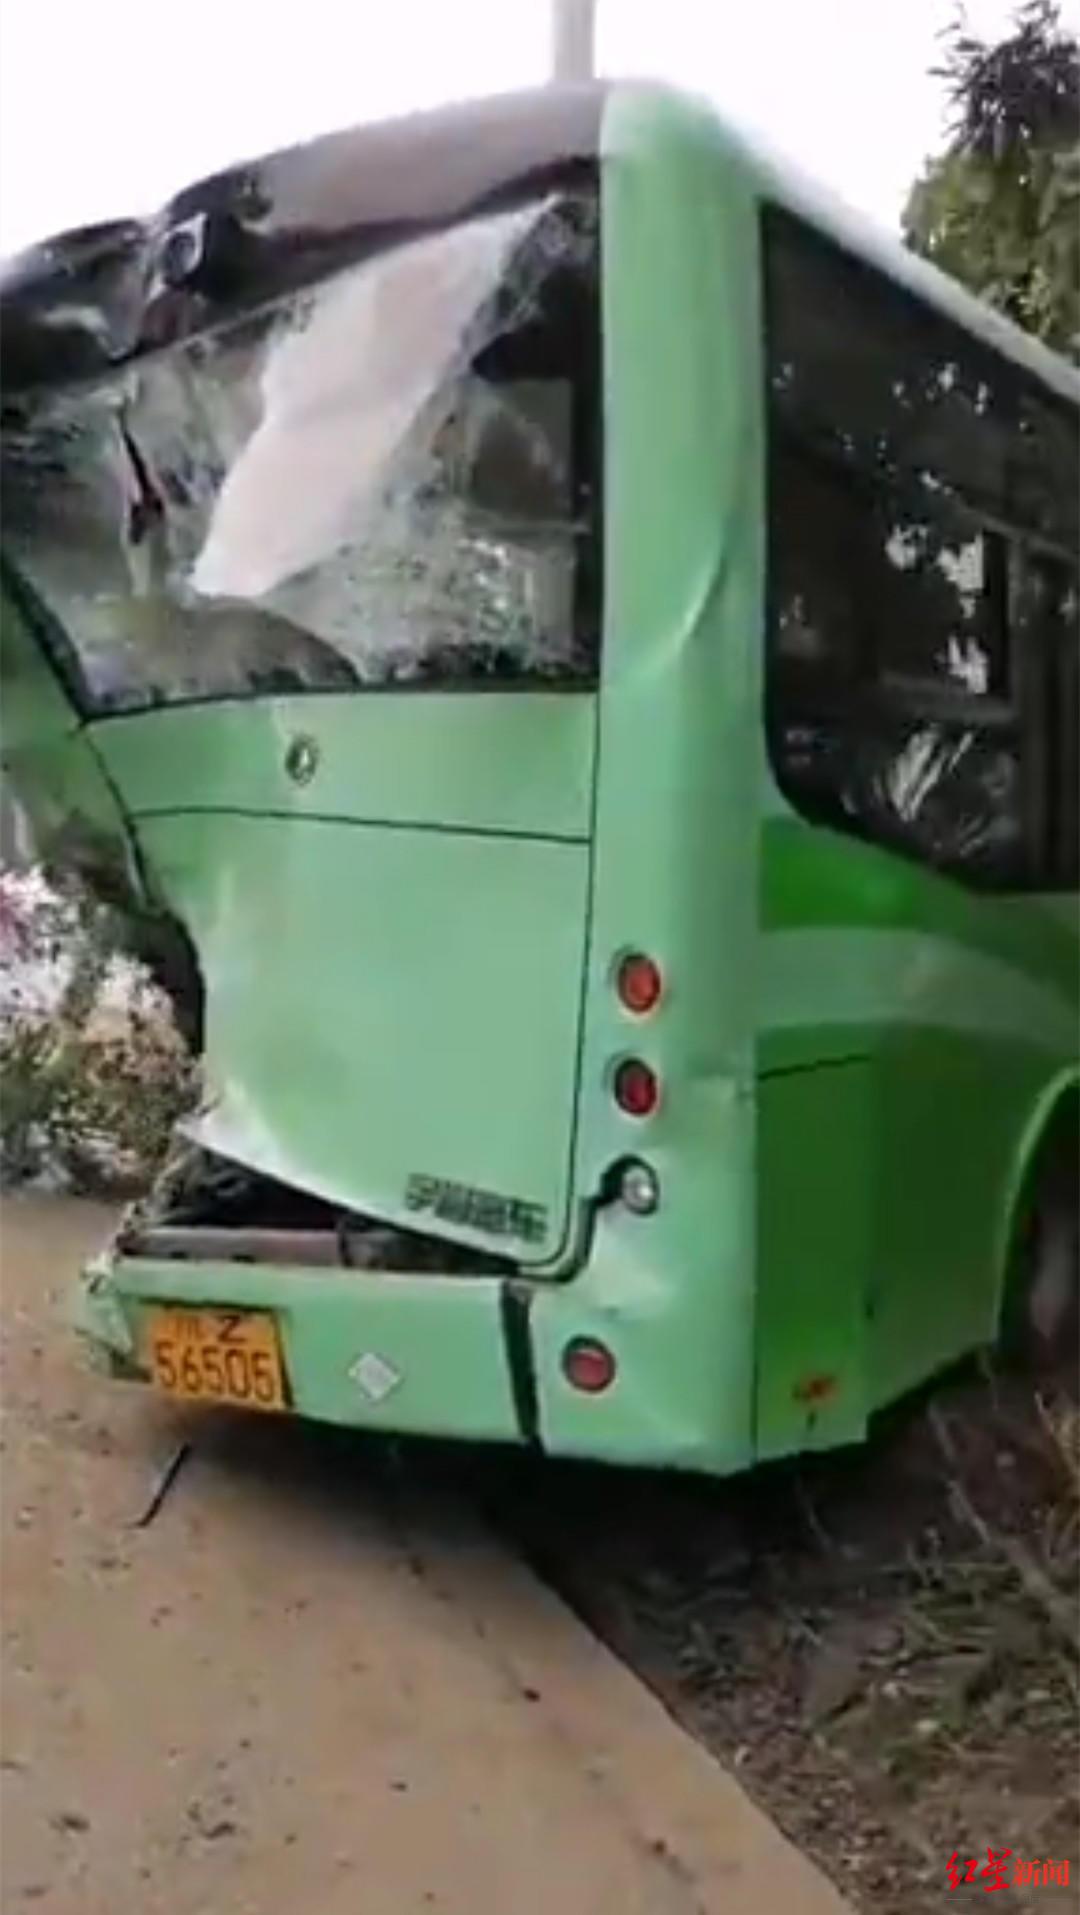 眉山交警通报农村客车被撞细节:公交正常靠边停车下客被撞 尚有9名轻微伤员在医院